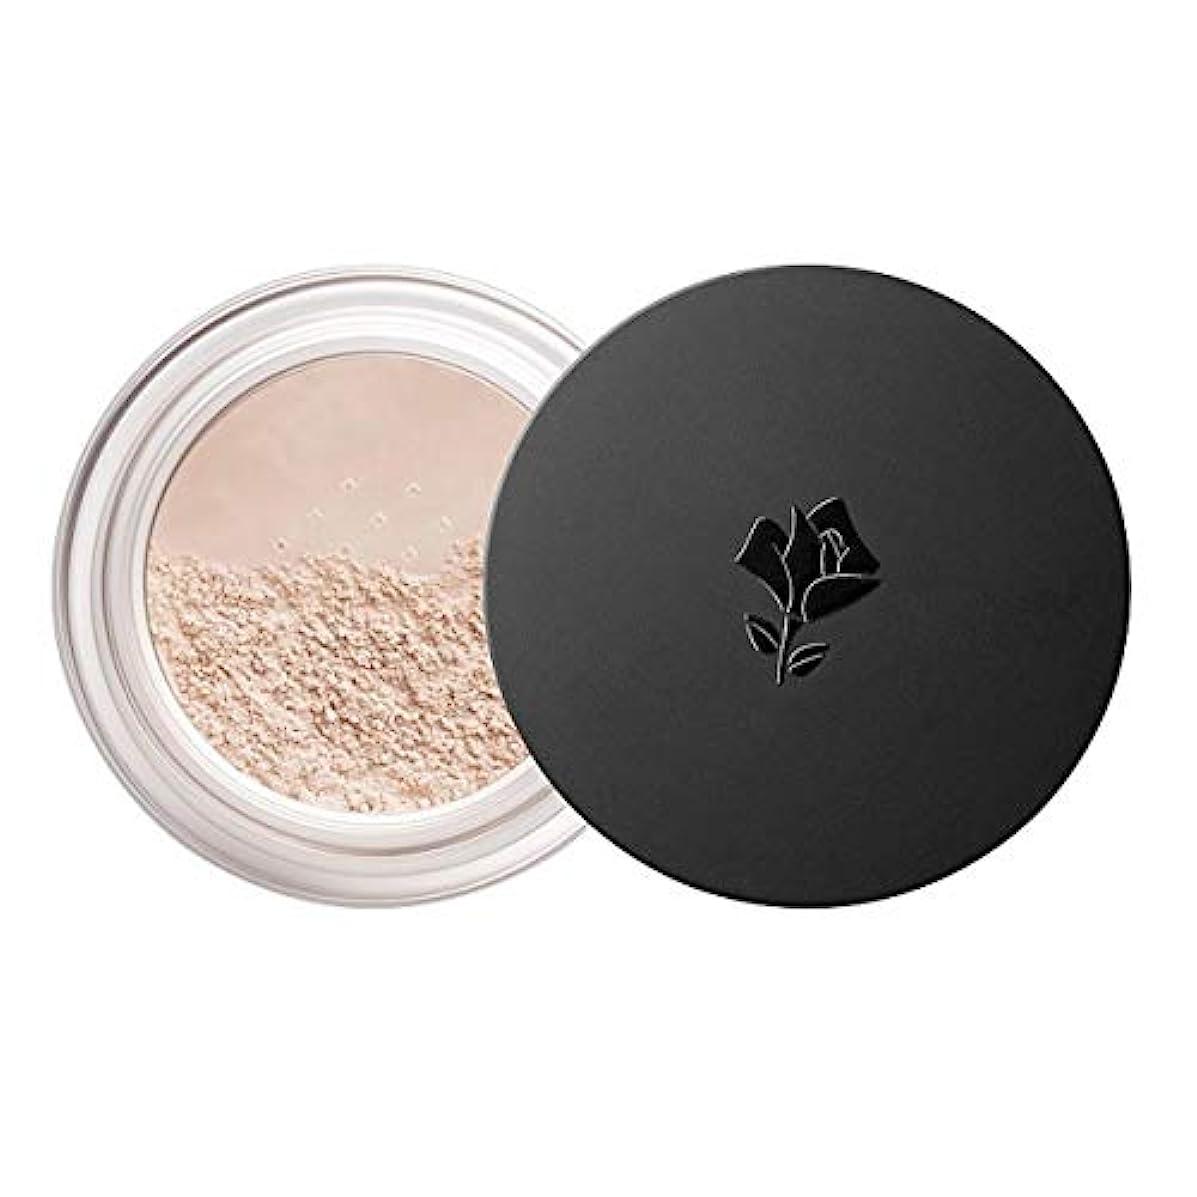 海岸第休日ランコム Long Time No Shine Loose Setting & Mattifying Powder - # Translucent 15g/0.52oz並行輸入品